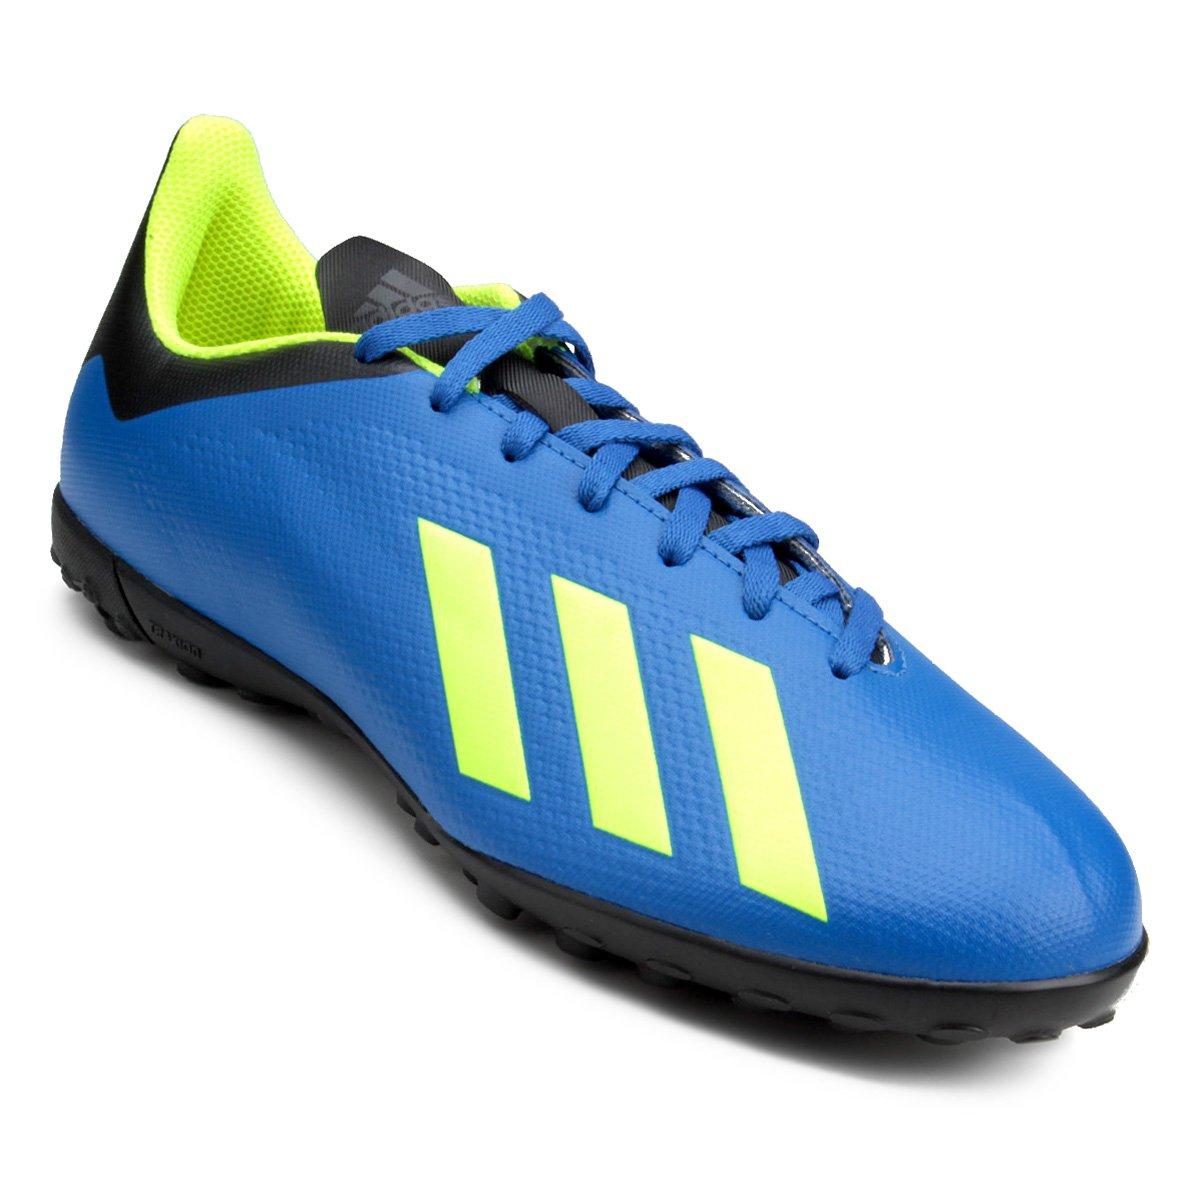 22a3726cd2 Chuteira Society Adidas X Tango 18 4 TF - Azul e Preto - Compre ...